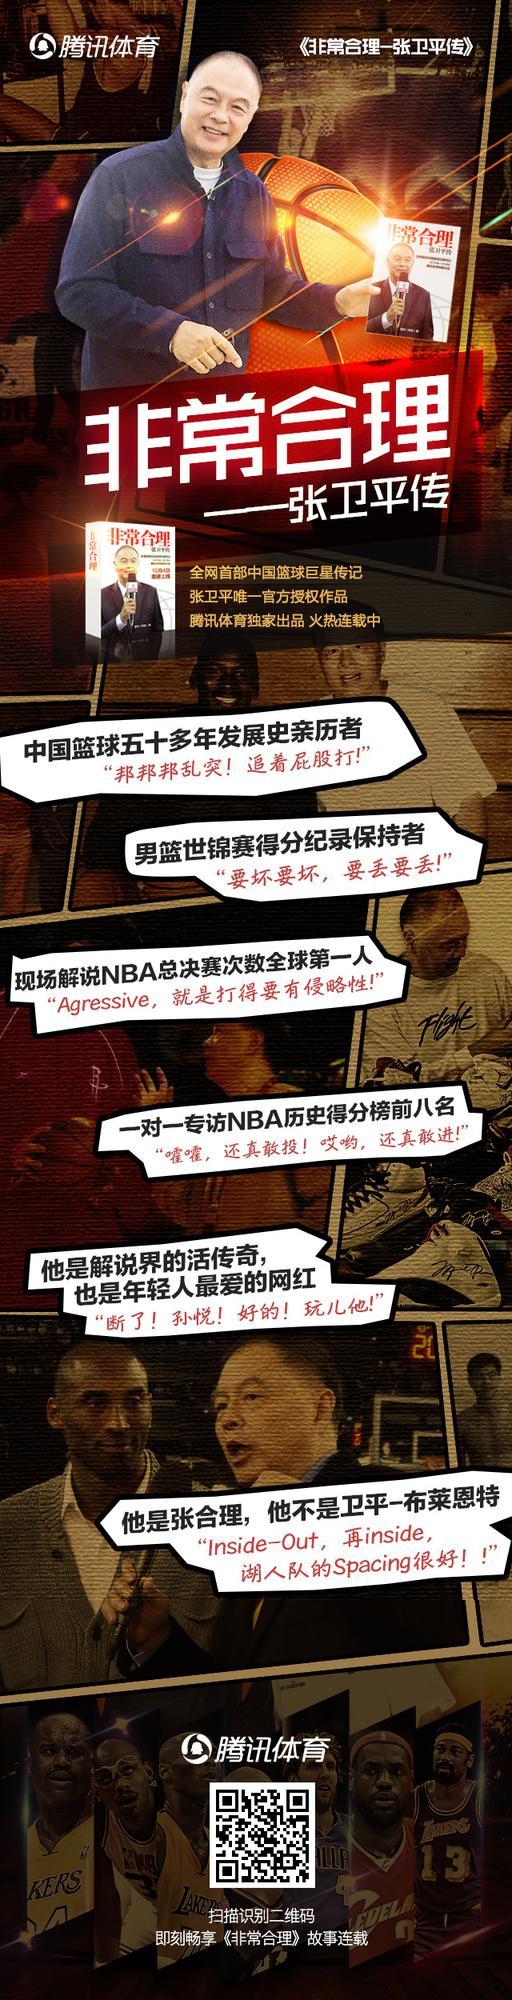 《非常合理-张卫平传》4日上线 腾讯体育独家出品